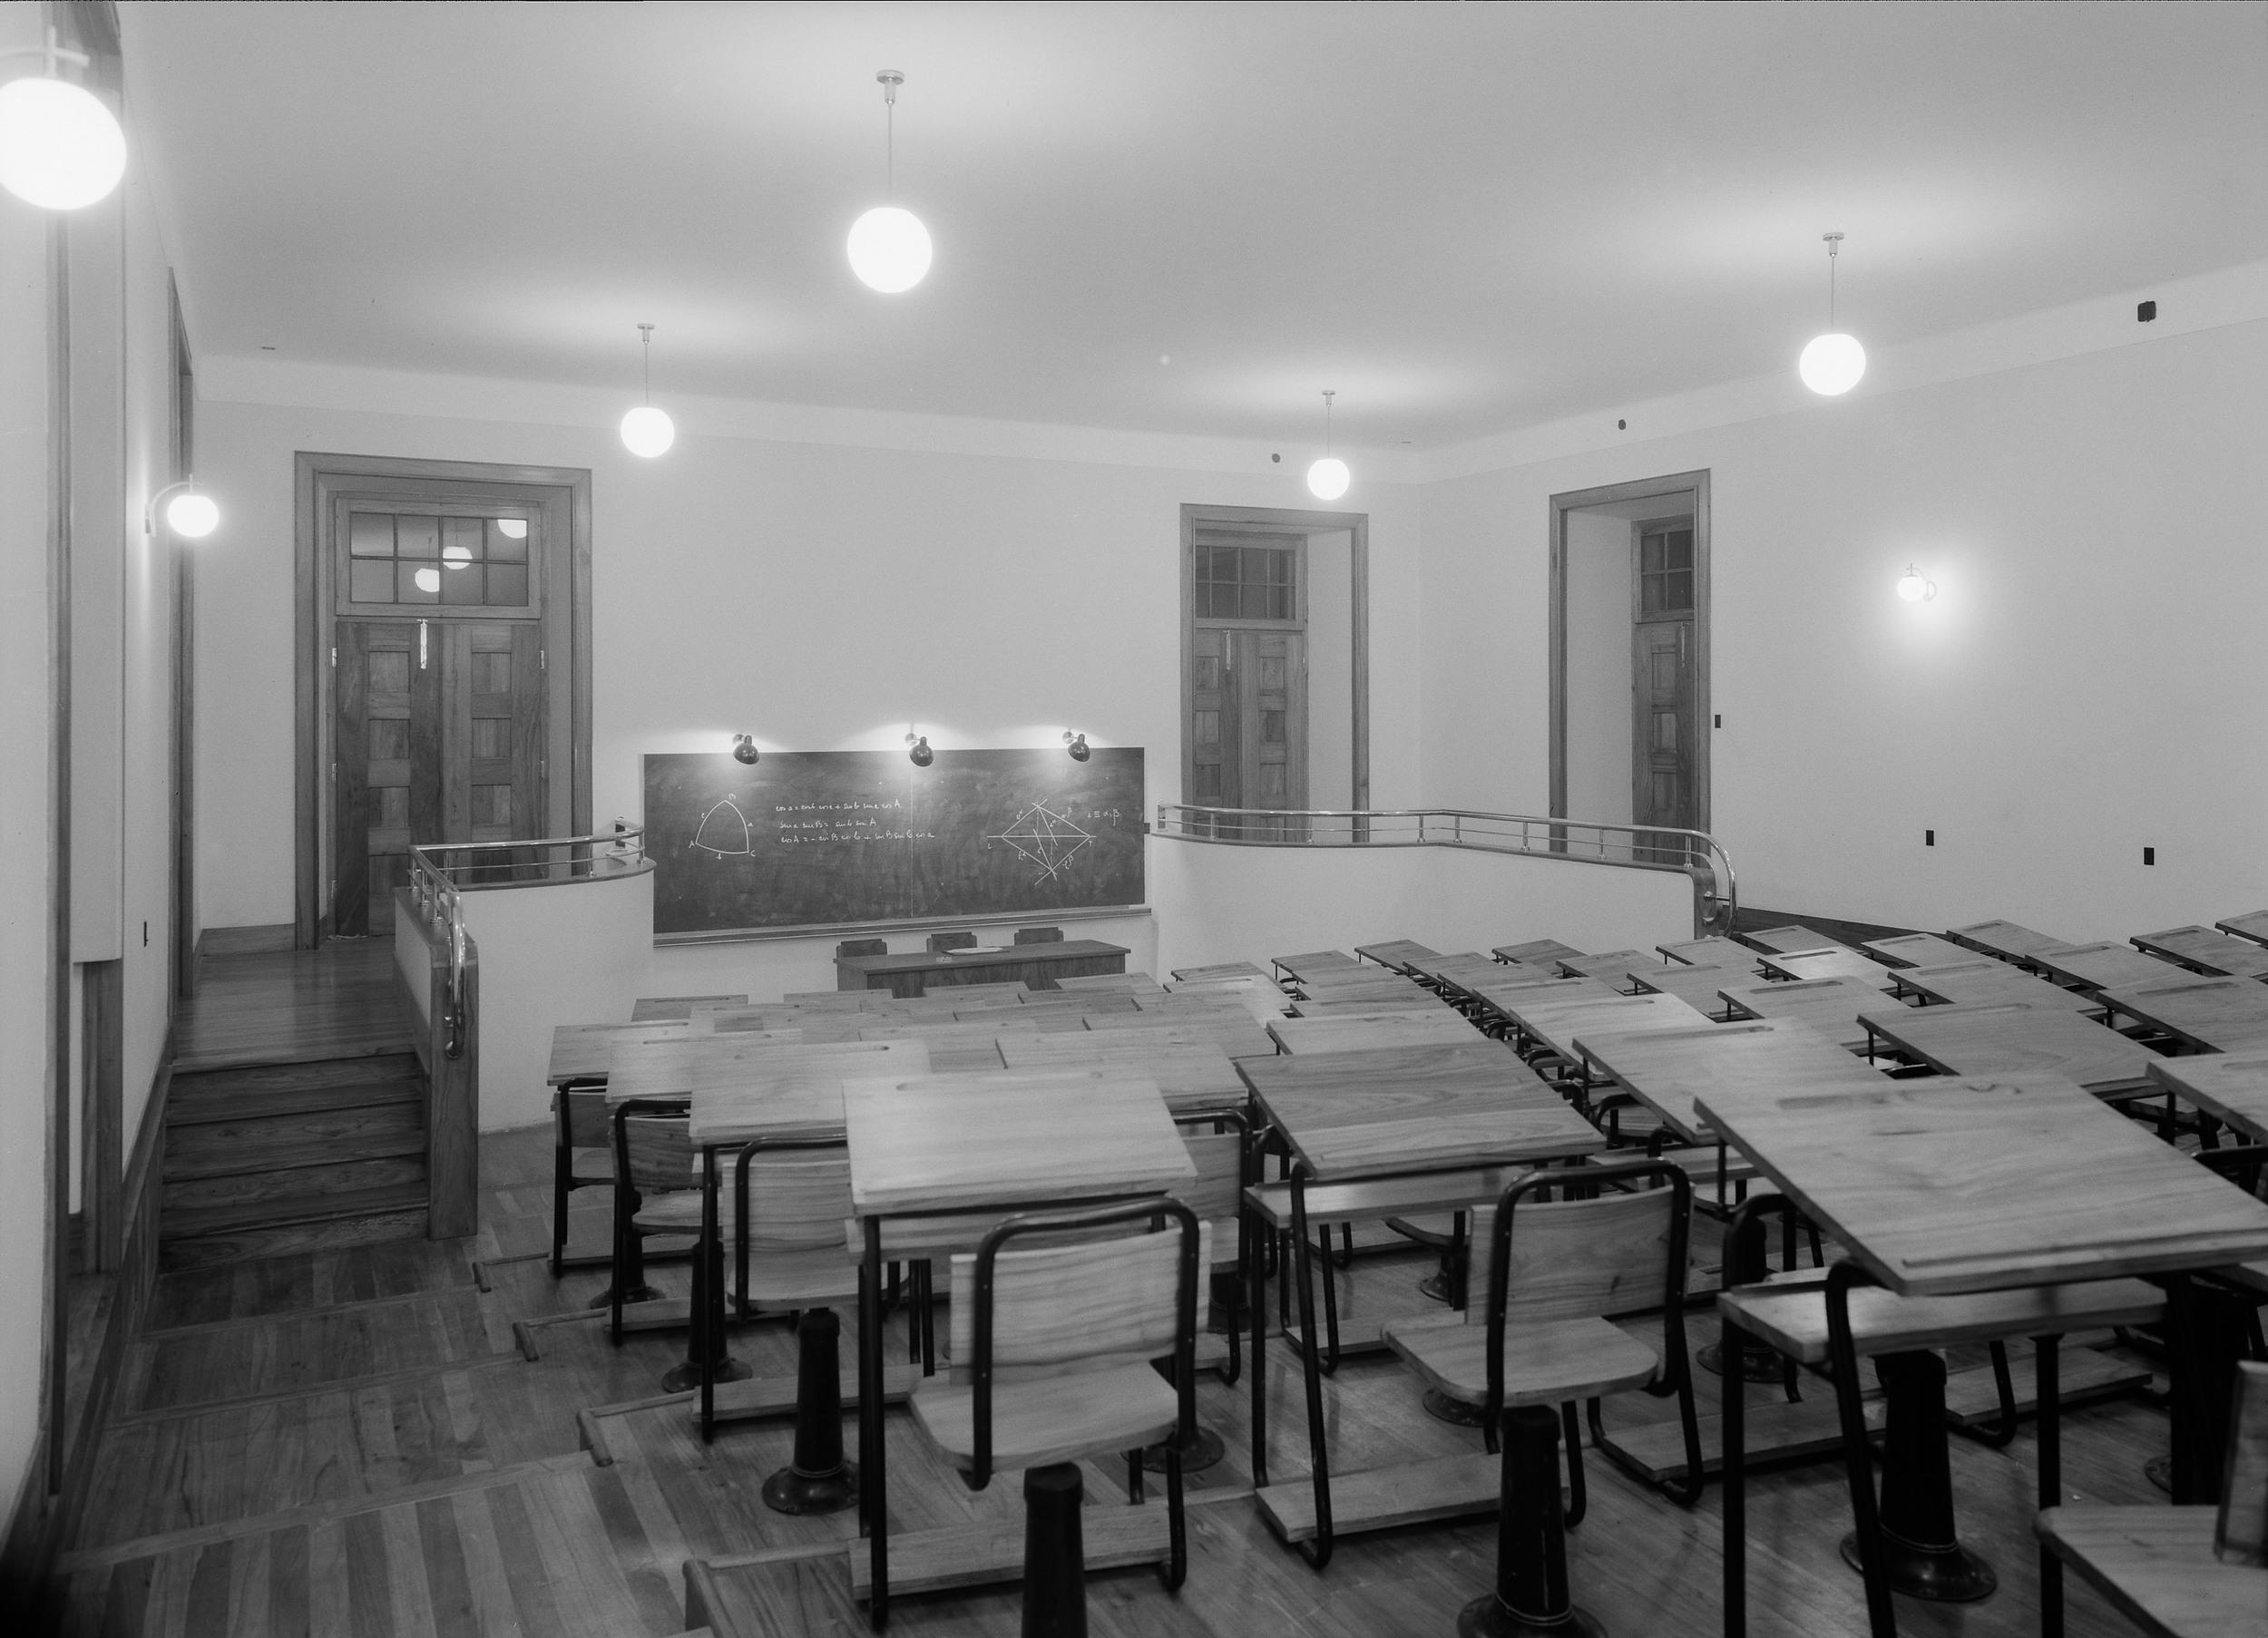 Instituto Superior Técnico, Lisbon  Photo: Mário Novais, ca. 1936-37, Lisbon  Biblioteca de Arte da Fundação Calouste Gulbenkian [CFT003_057329]